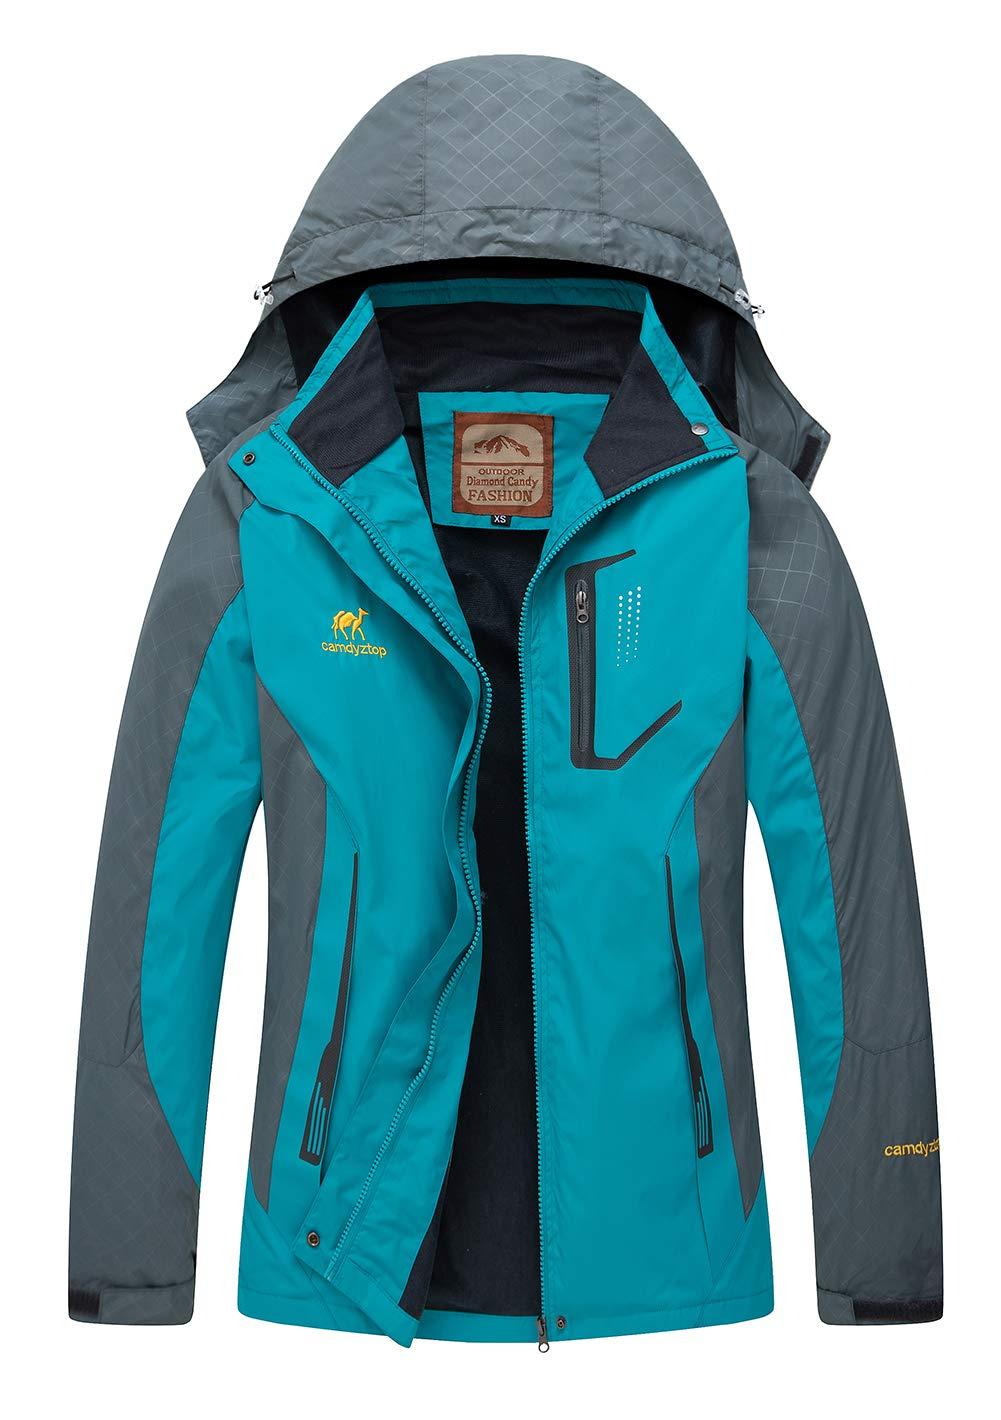 Women's Hooded Waterproof Jacket - Diamond Candy lightweight Softshell Casual Sportswear,X-Small,Blue